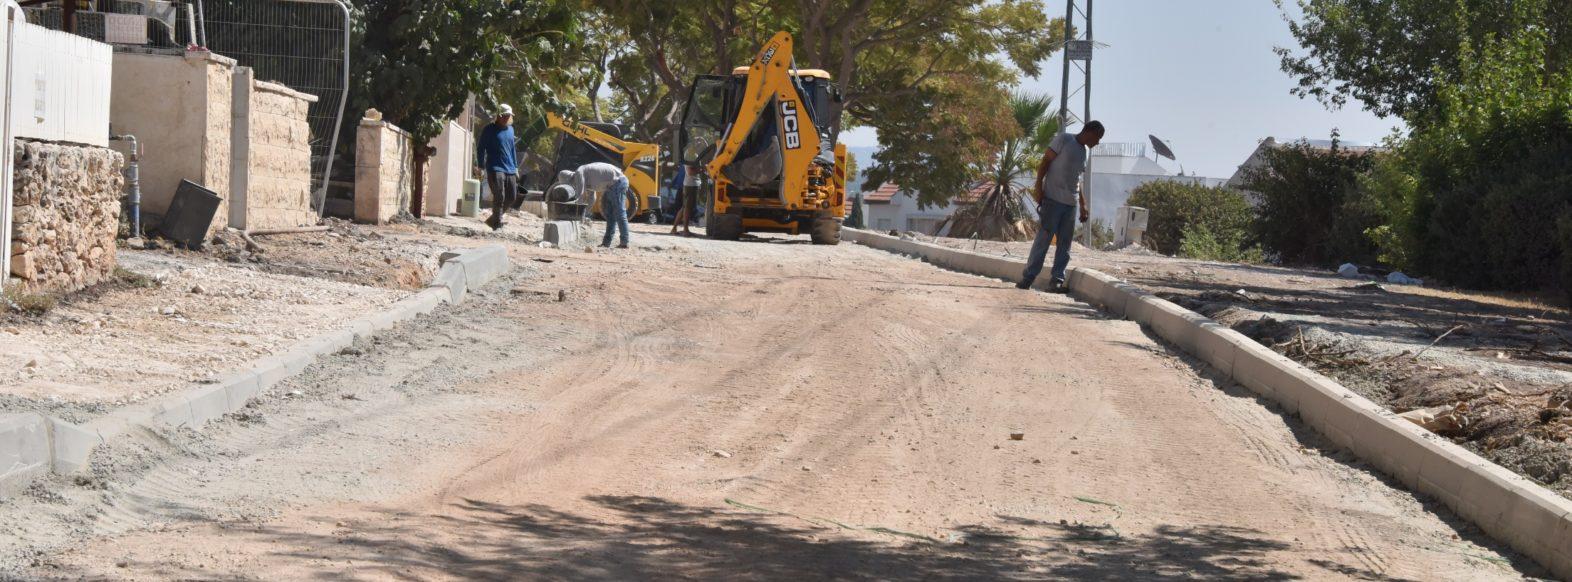 עבודות תשתית לשדרוג רחוב בורוכוב